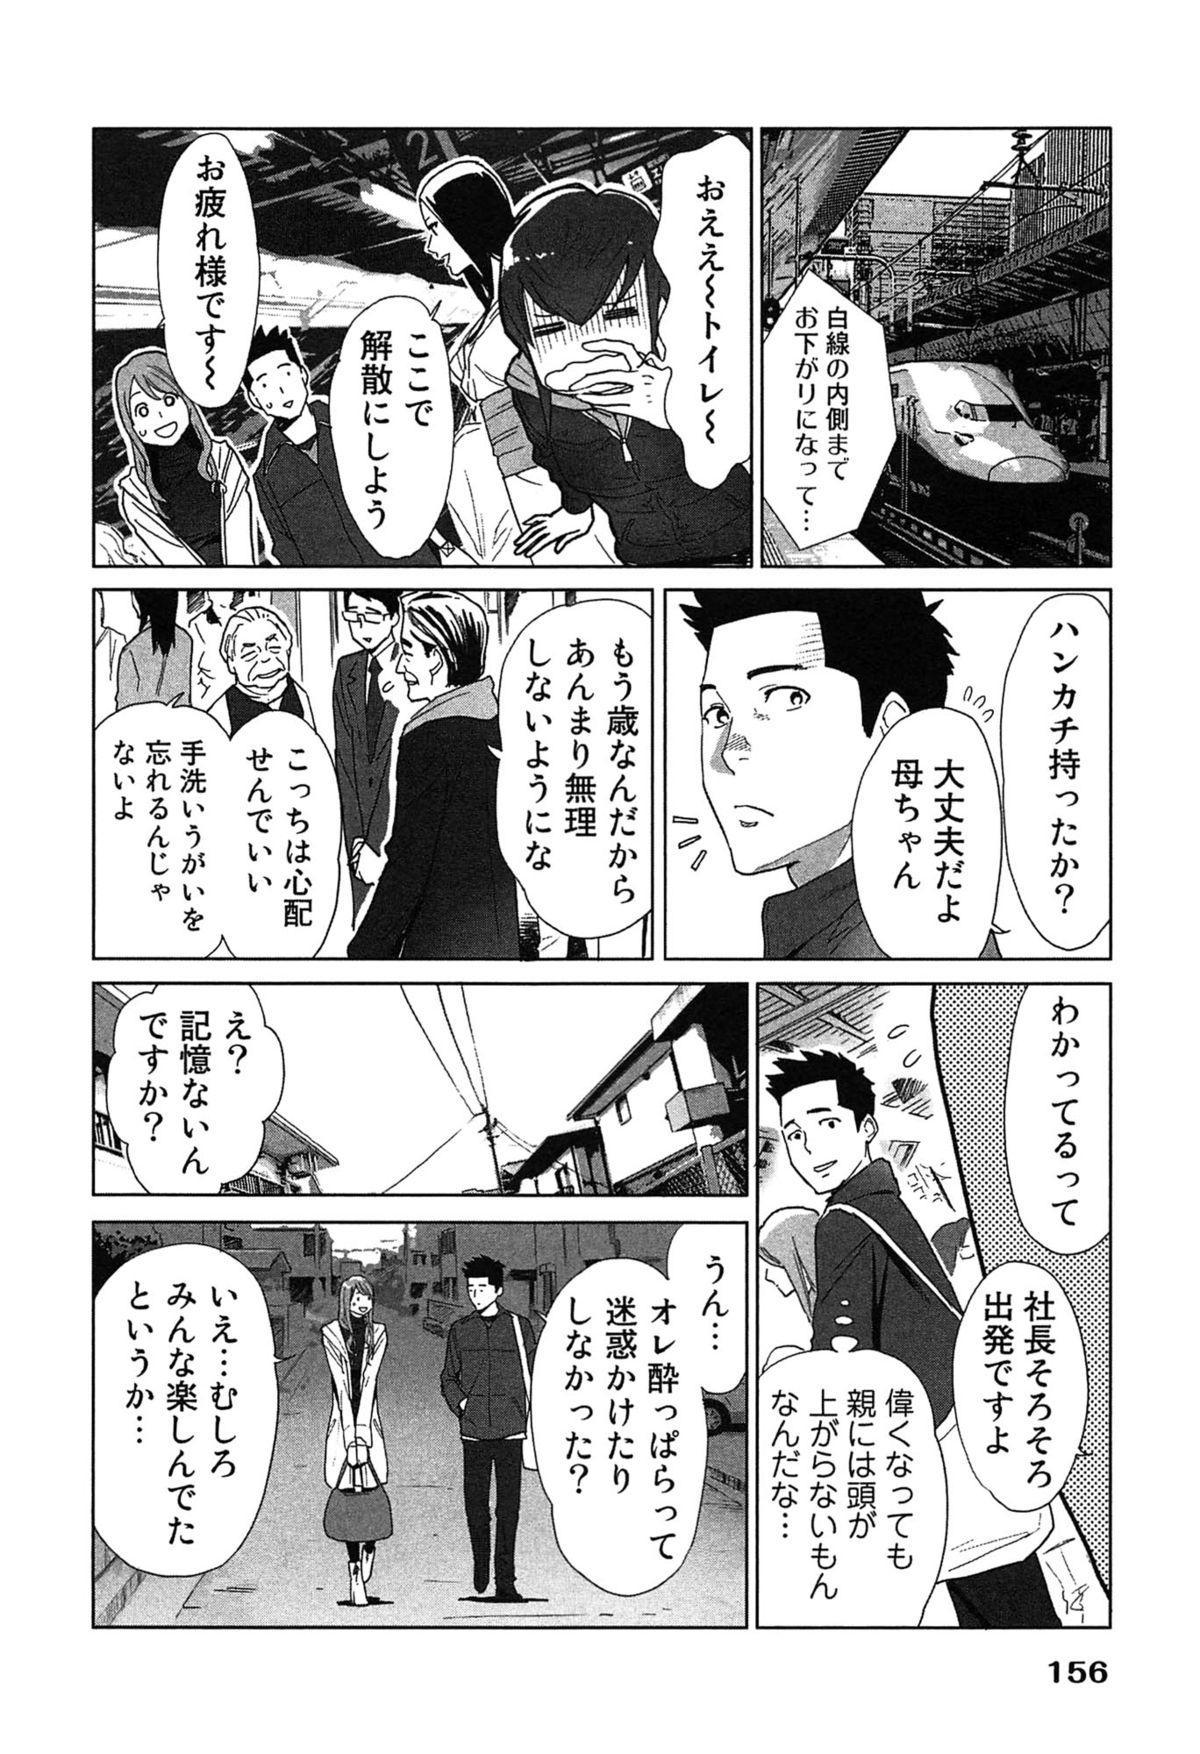 Megami to Ichinen Kura Shite Mita. 2 159